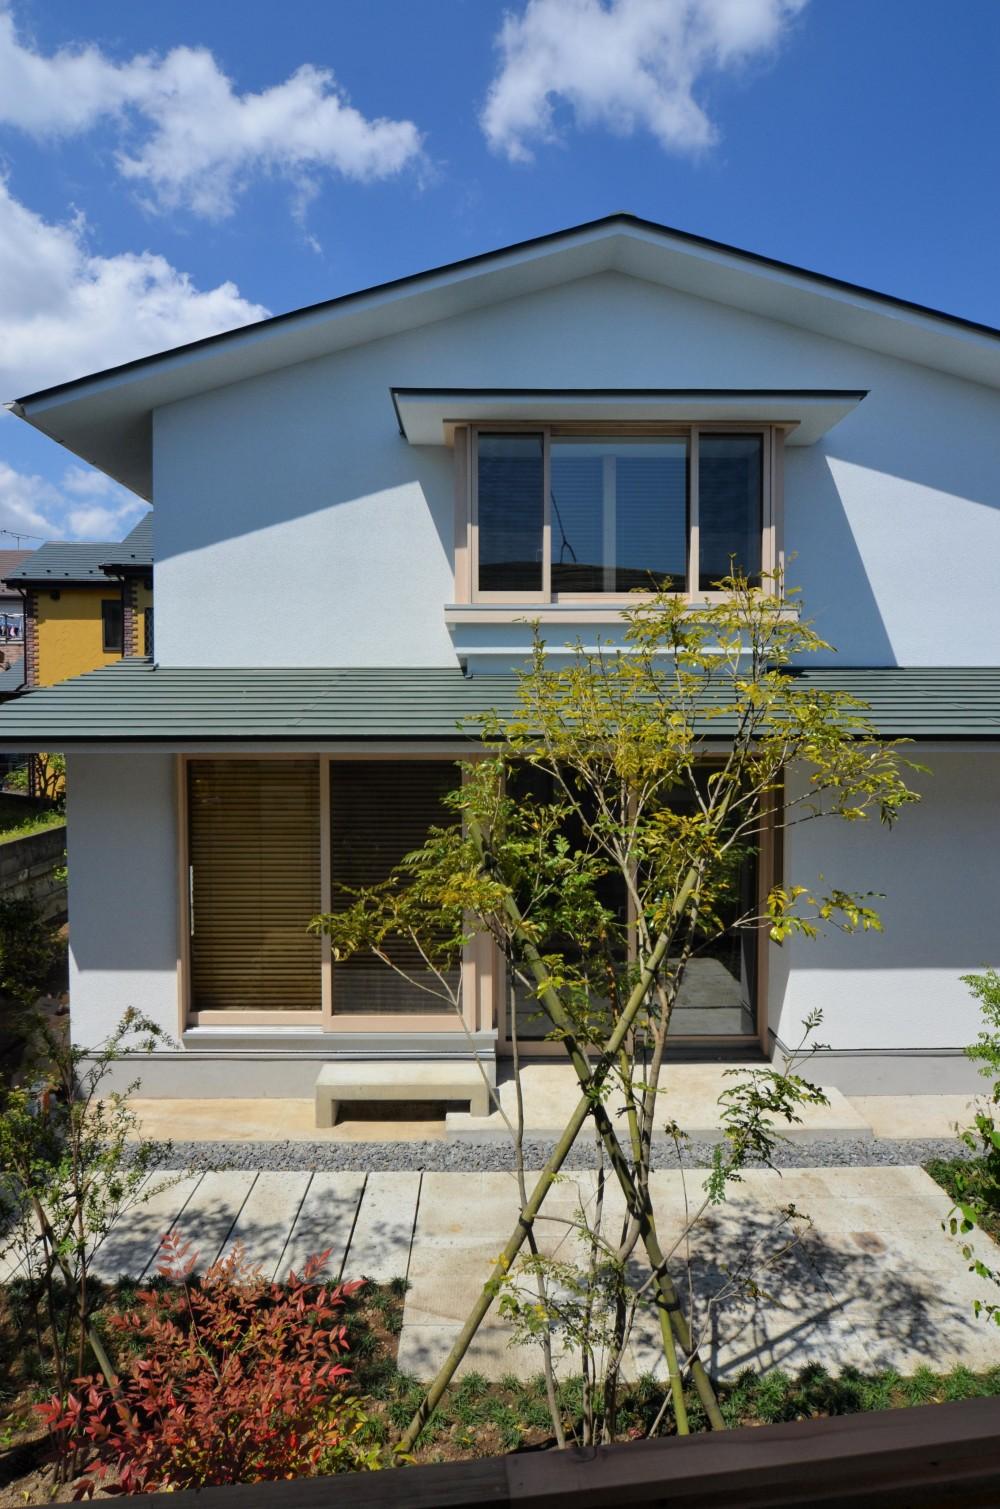 南戸塚の住居 / House in Minamitotsuka (外観)